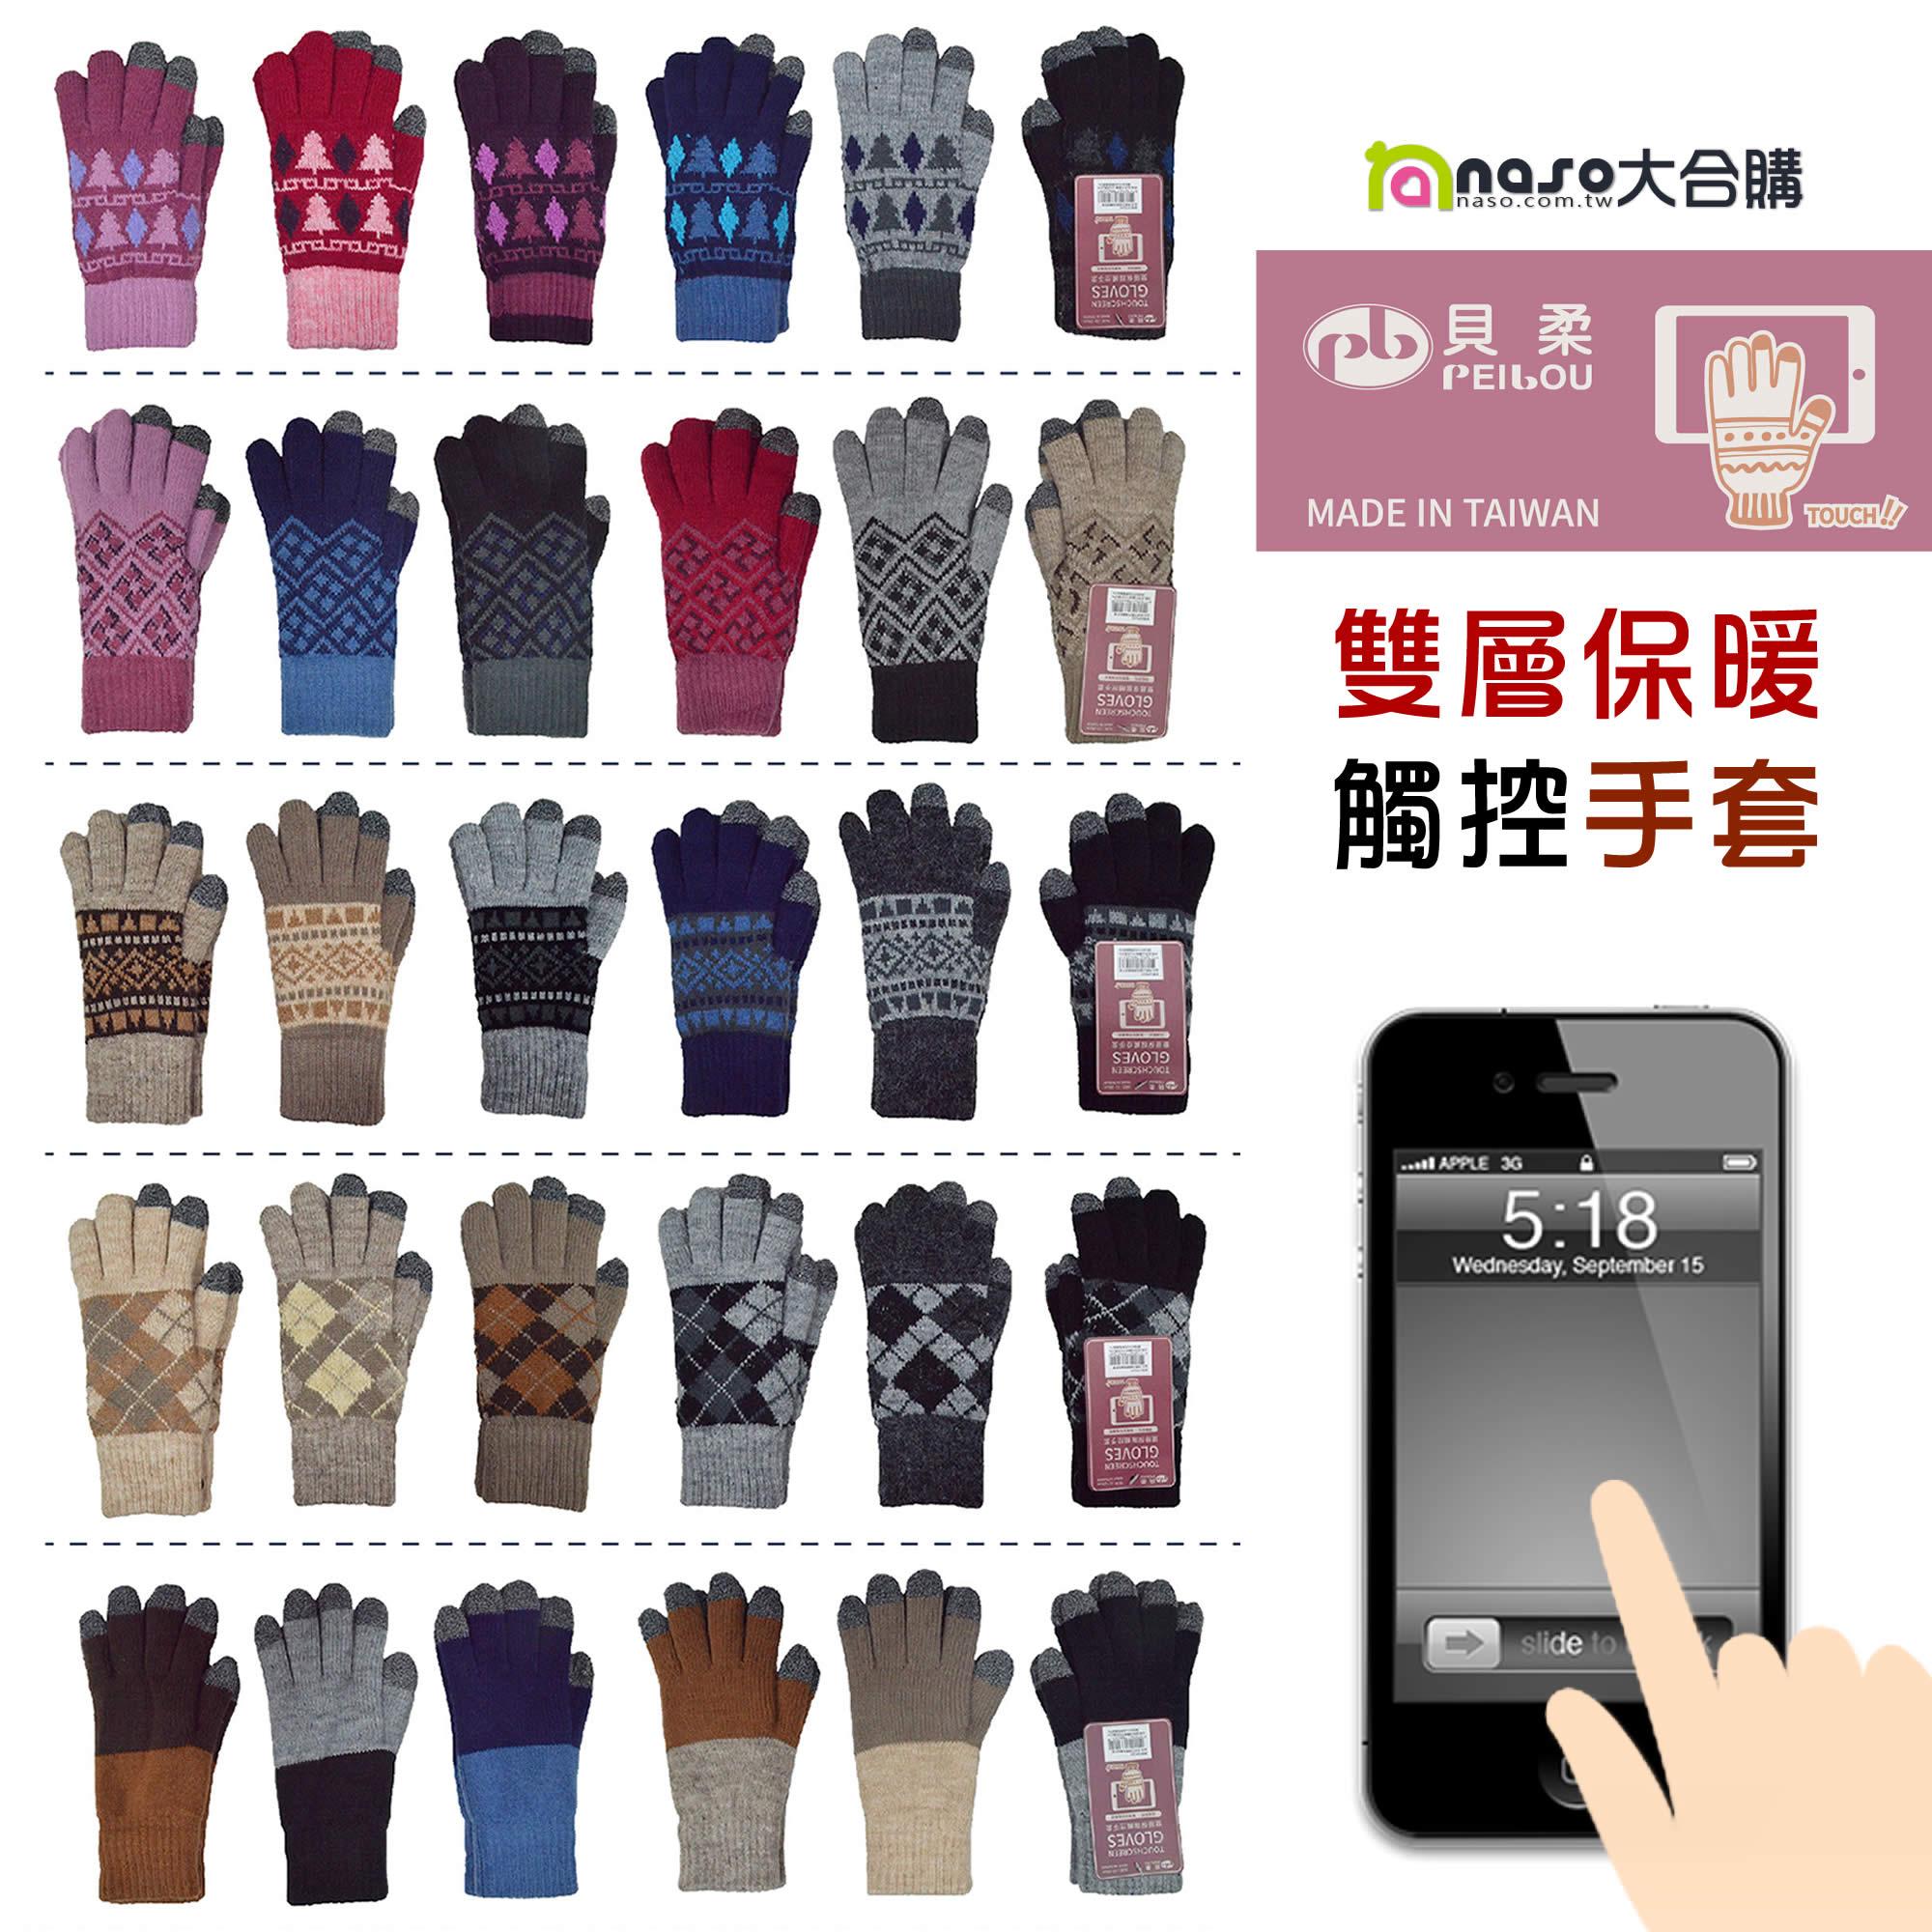 【台灣製造】貝柔毛線針織雙層保暖觸控手套 好評第3團